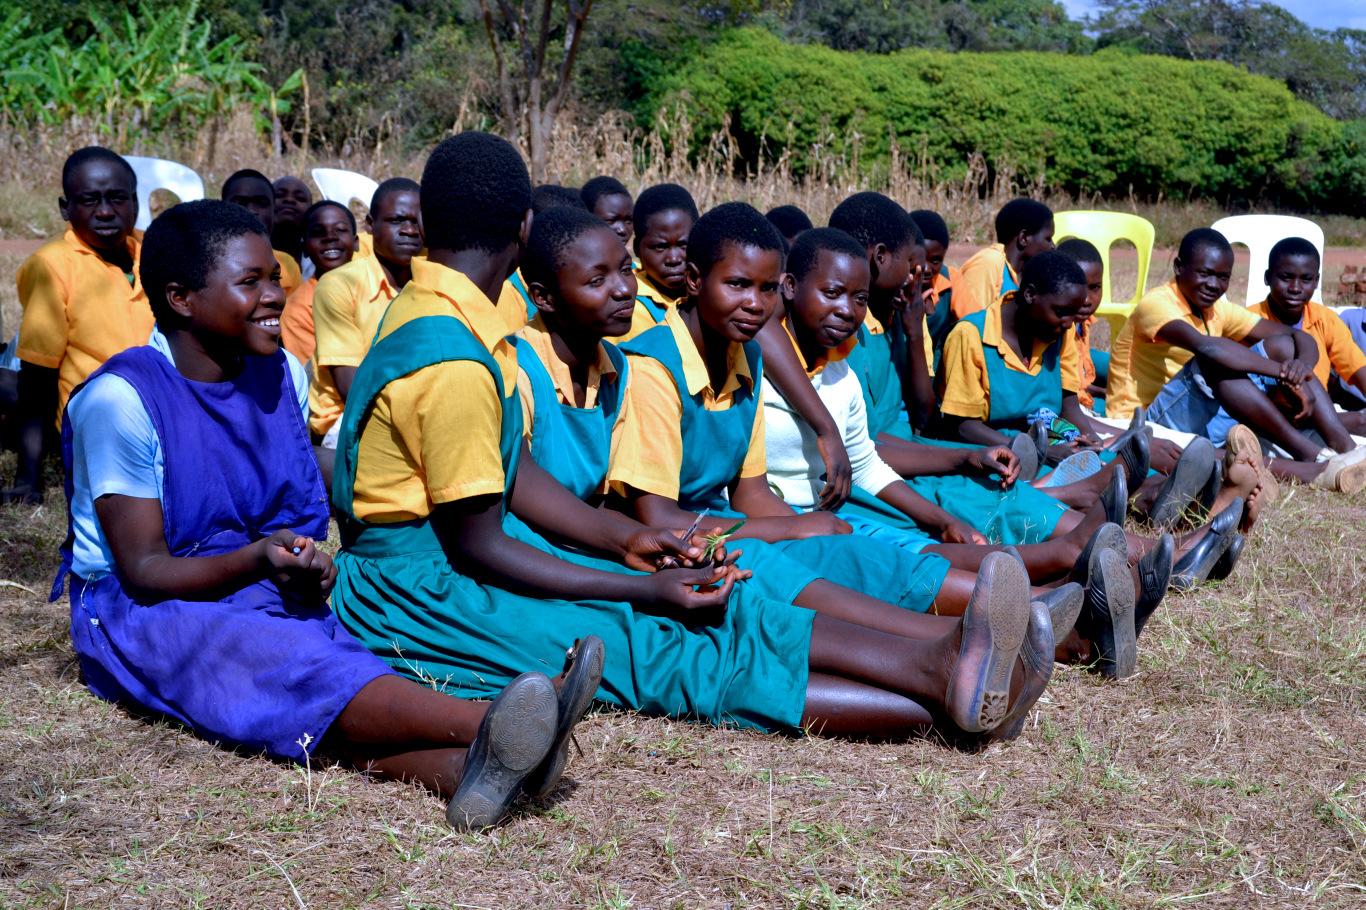 onderwijs, edukans, kindhuwelijken